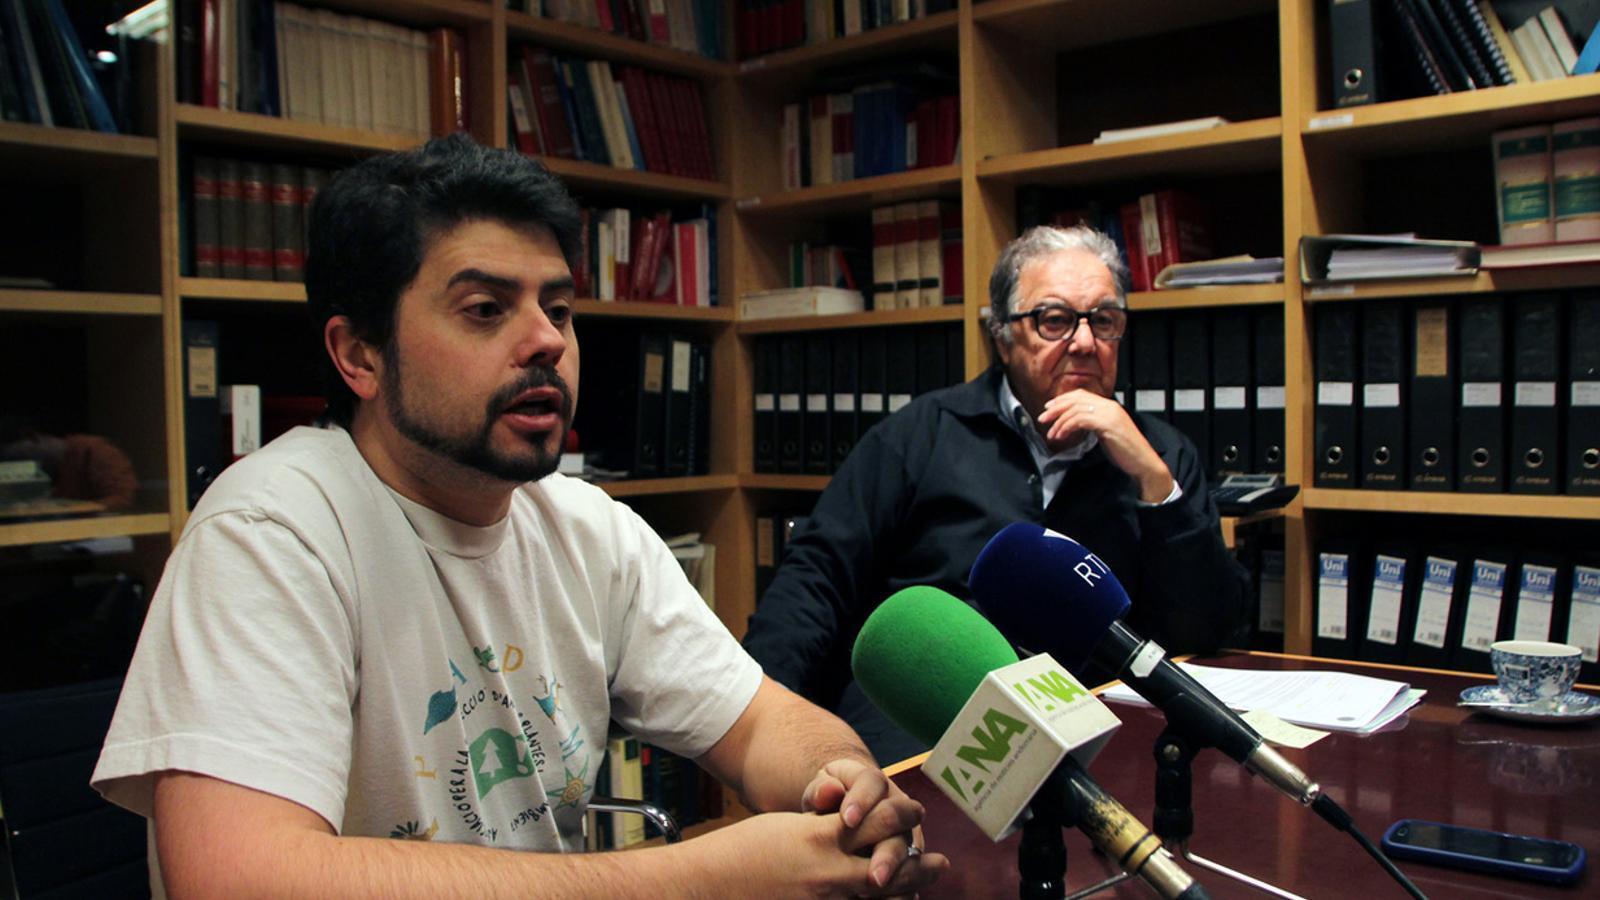 El president d'APAPMA, Carles Iriarte, amb l'advocat Manuel Pujadas / M.C.